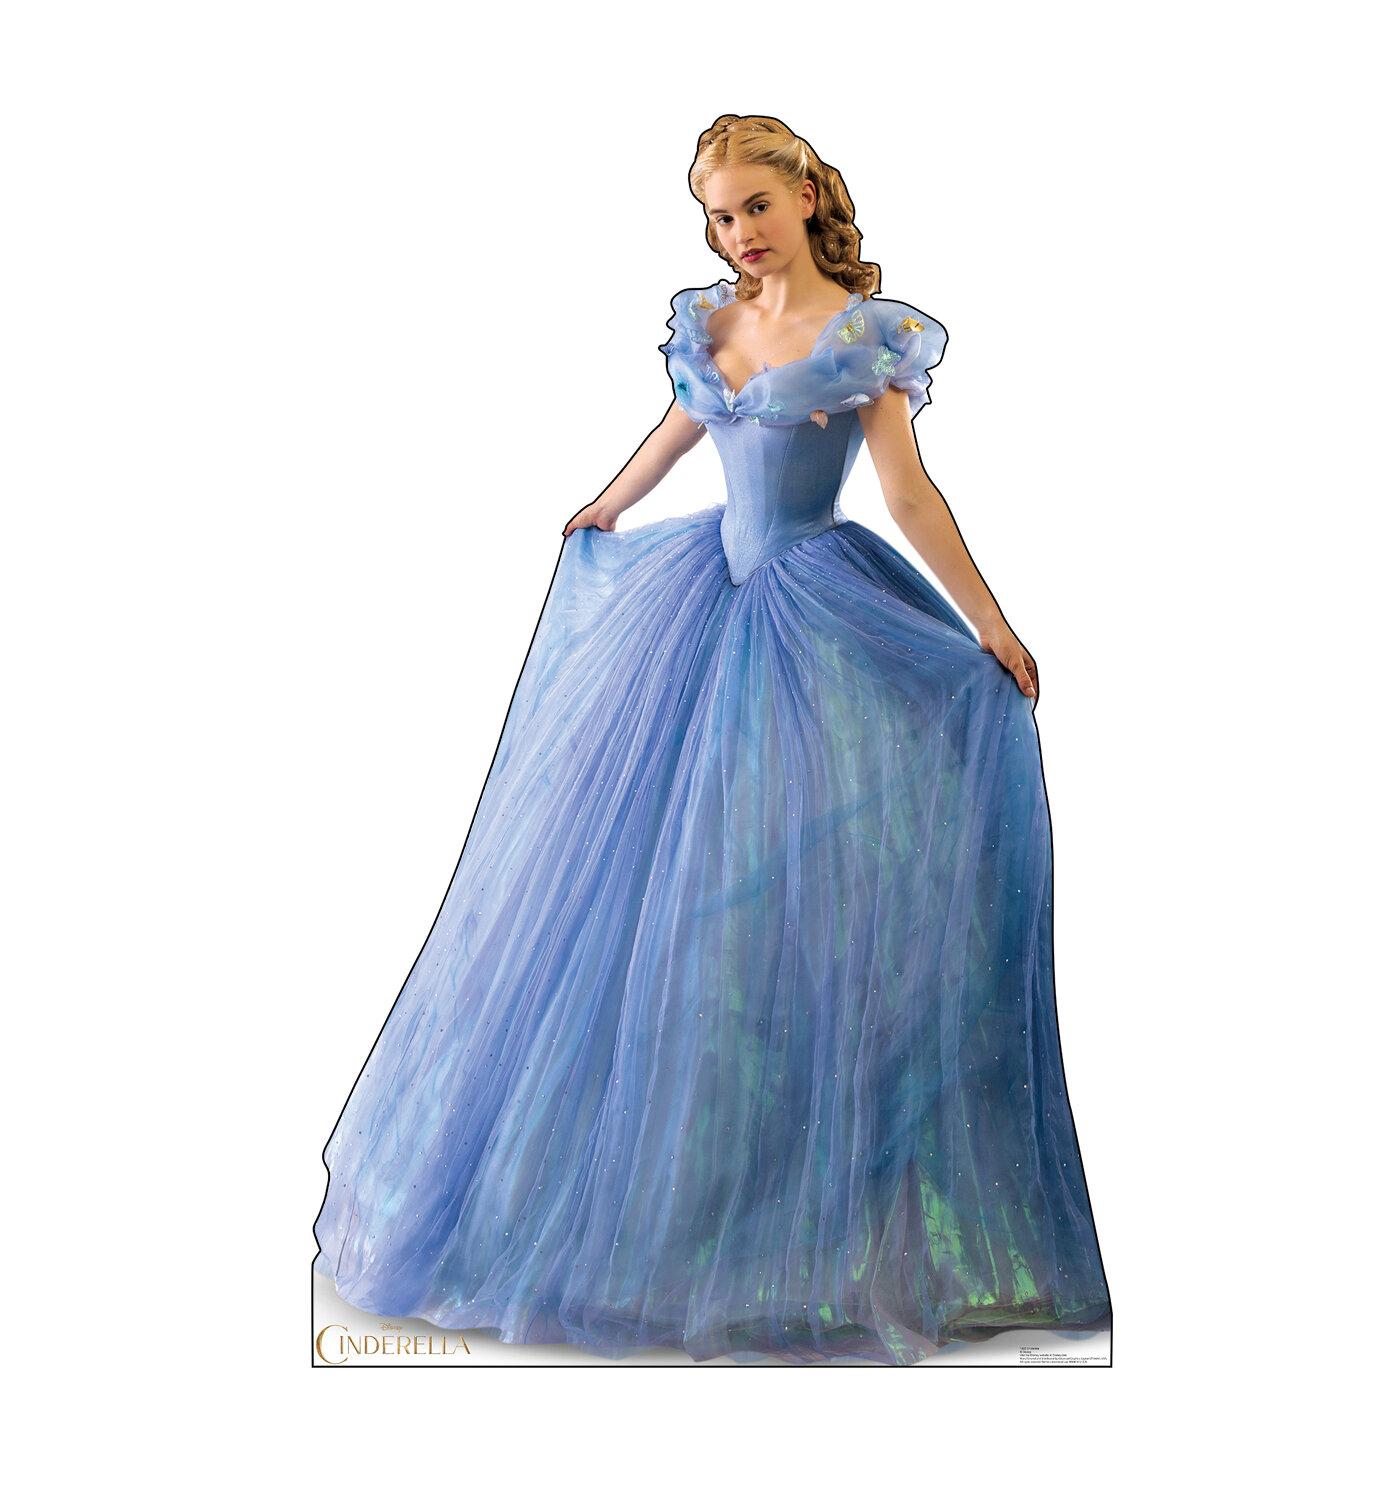 cinderella 2015 cinderella ball gown cardboard standup Little Mermaid